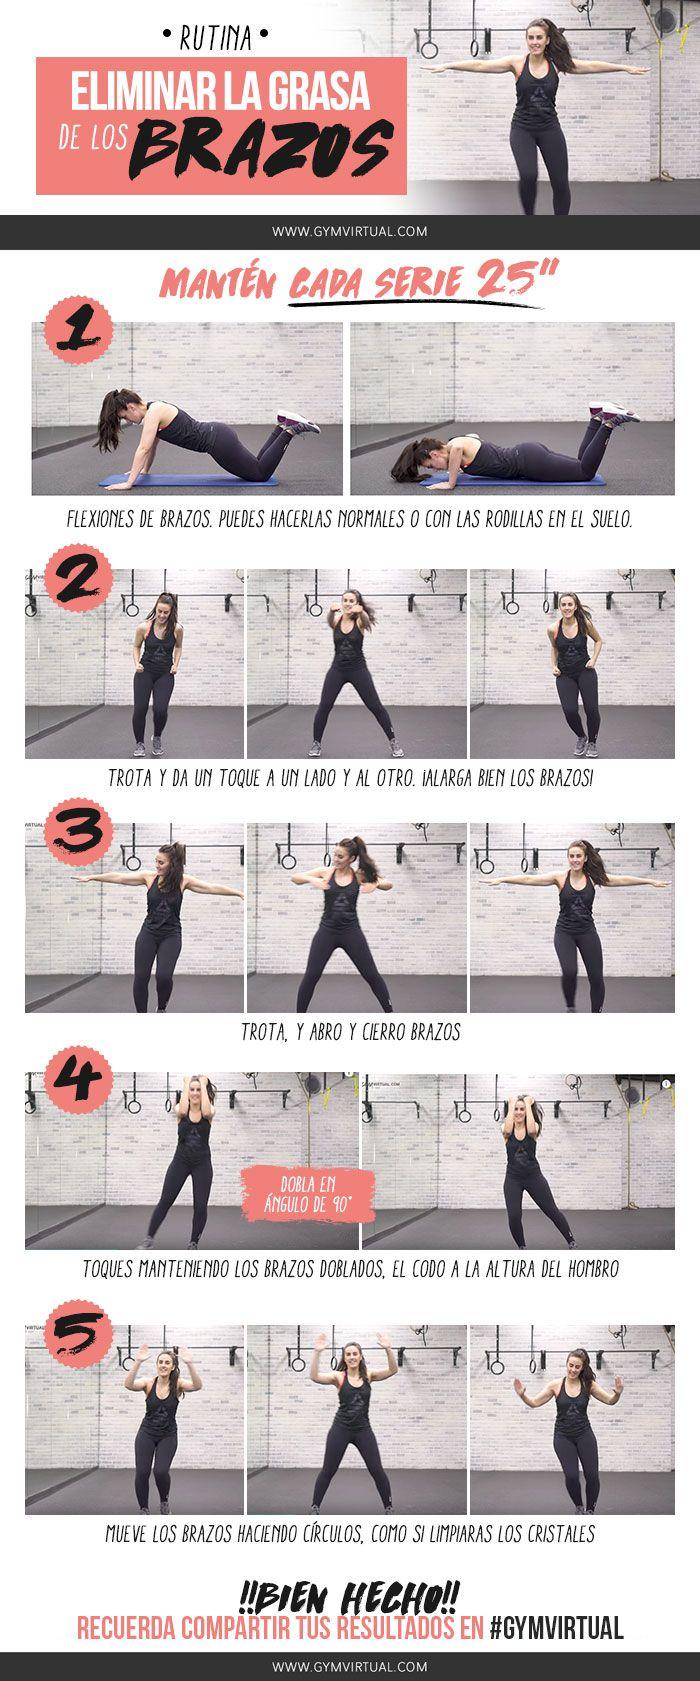 29+ Como quitar grasa delos brazos mujer trends